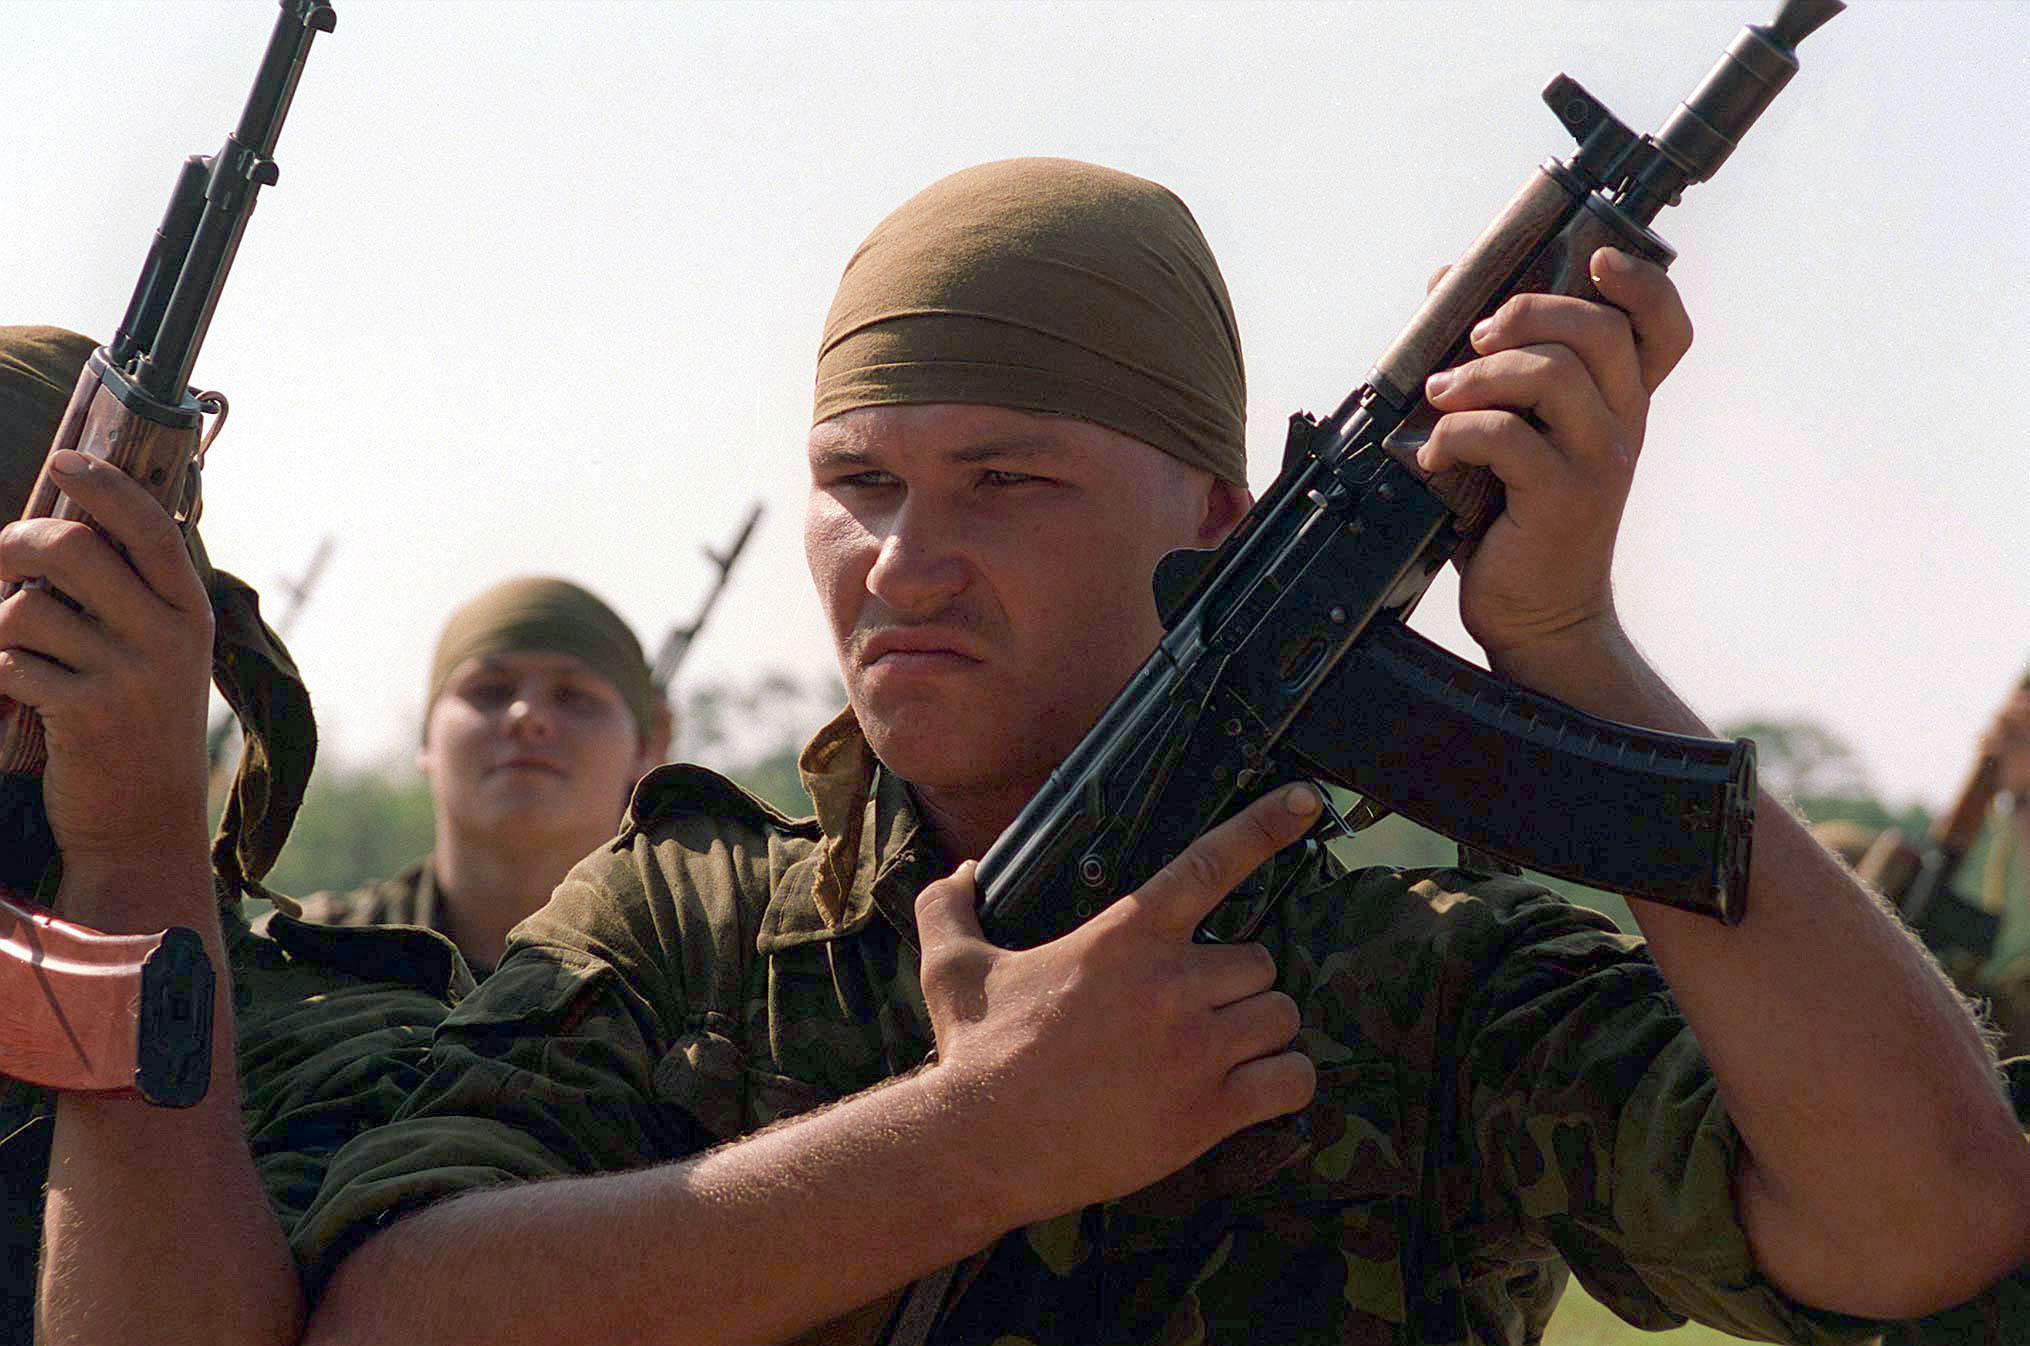 Ukrainian_Marine_with_AKS-74U.JPEG